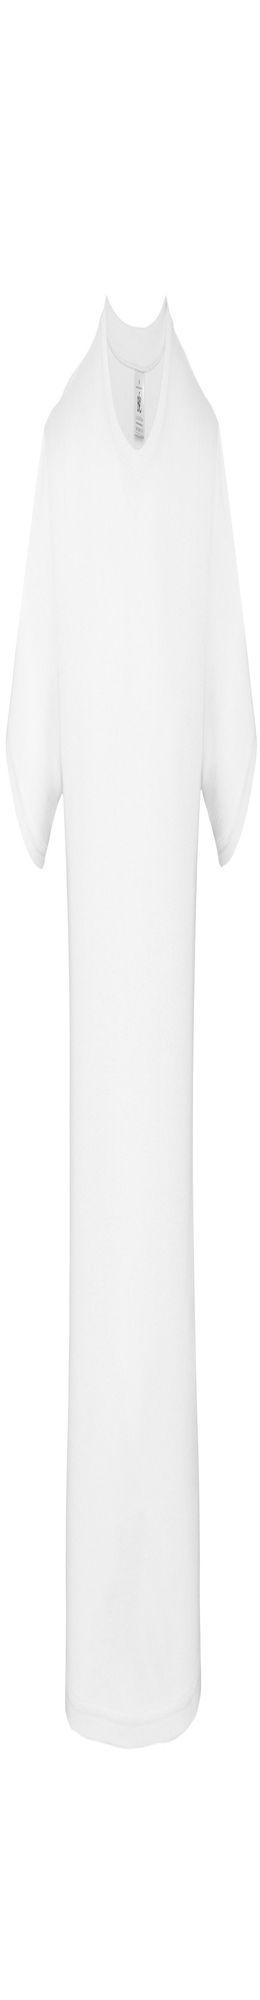 Футболка E150 белая фото